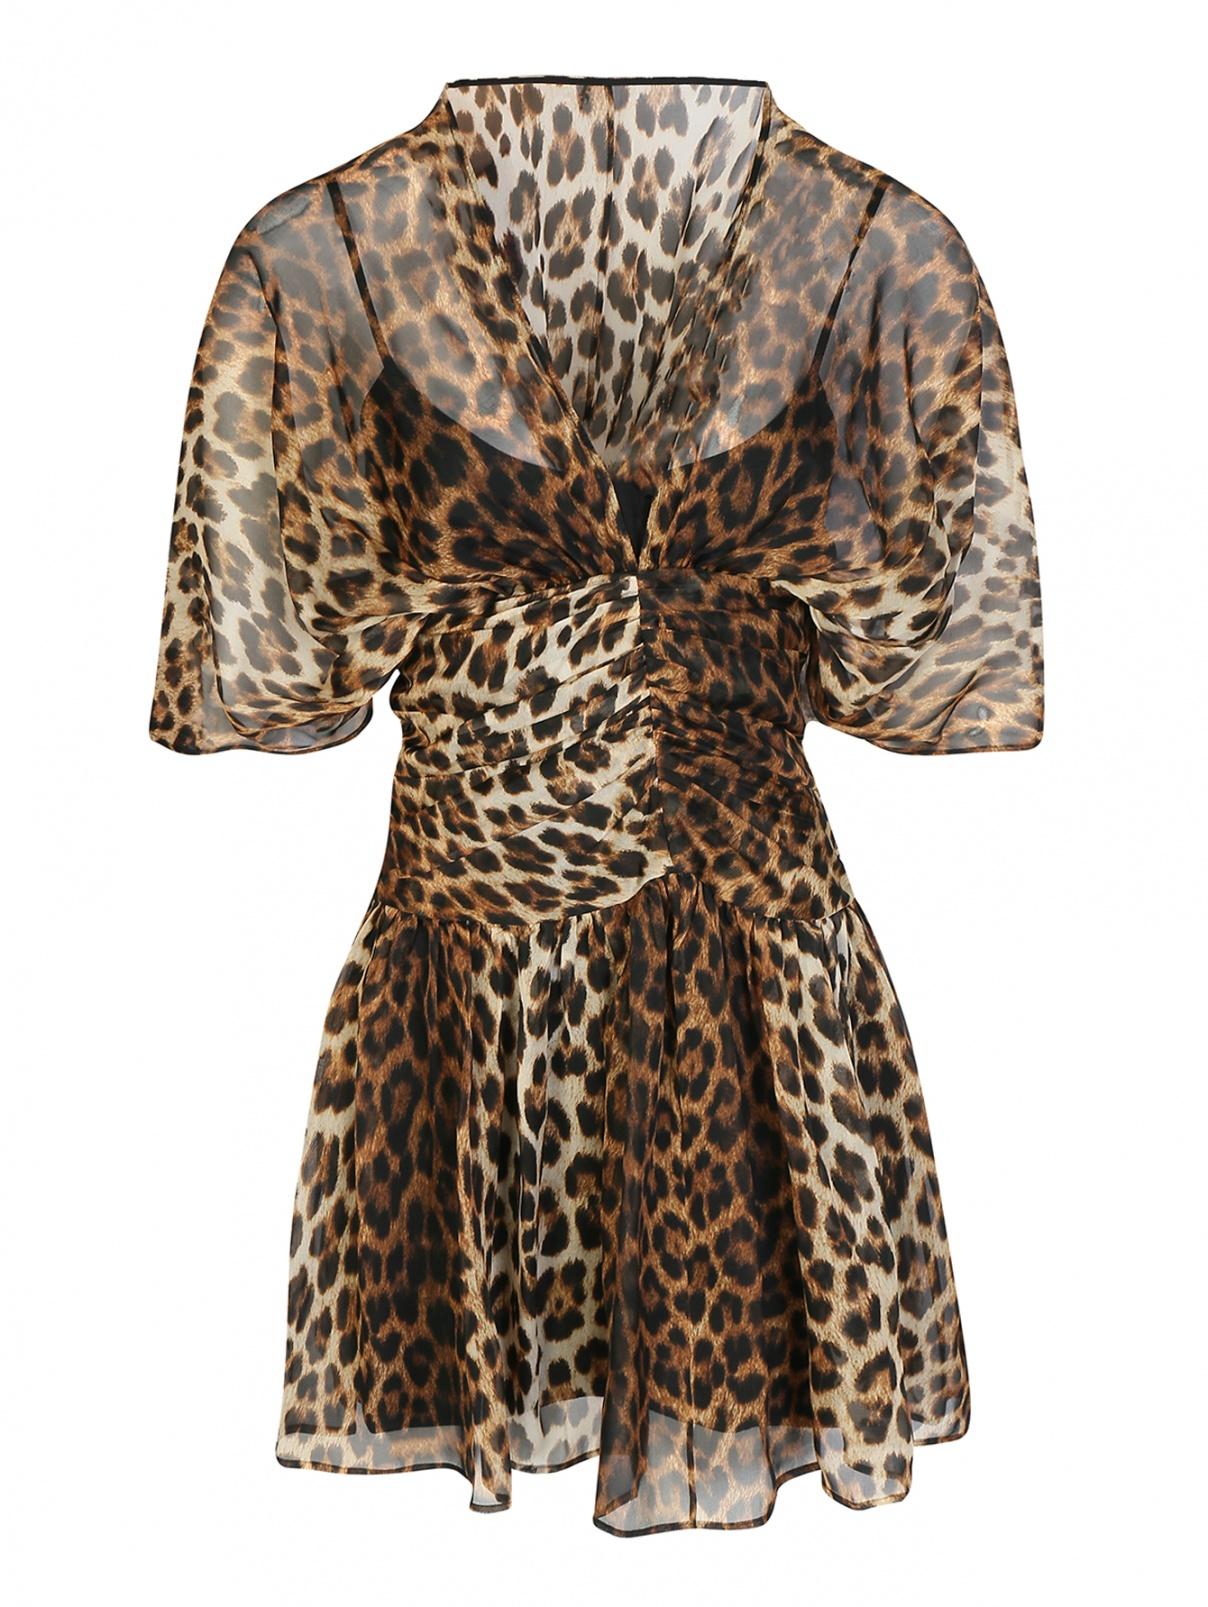 Платье шелковое с животным принтом N21  –  Общий вид